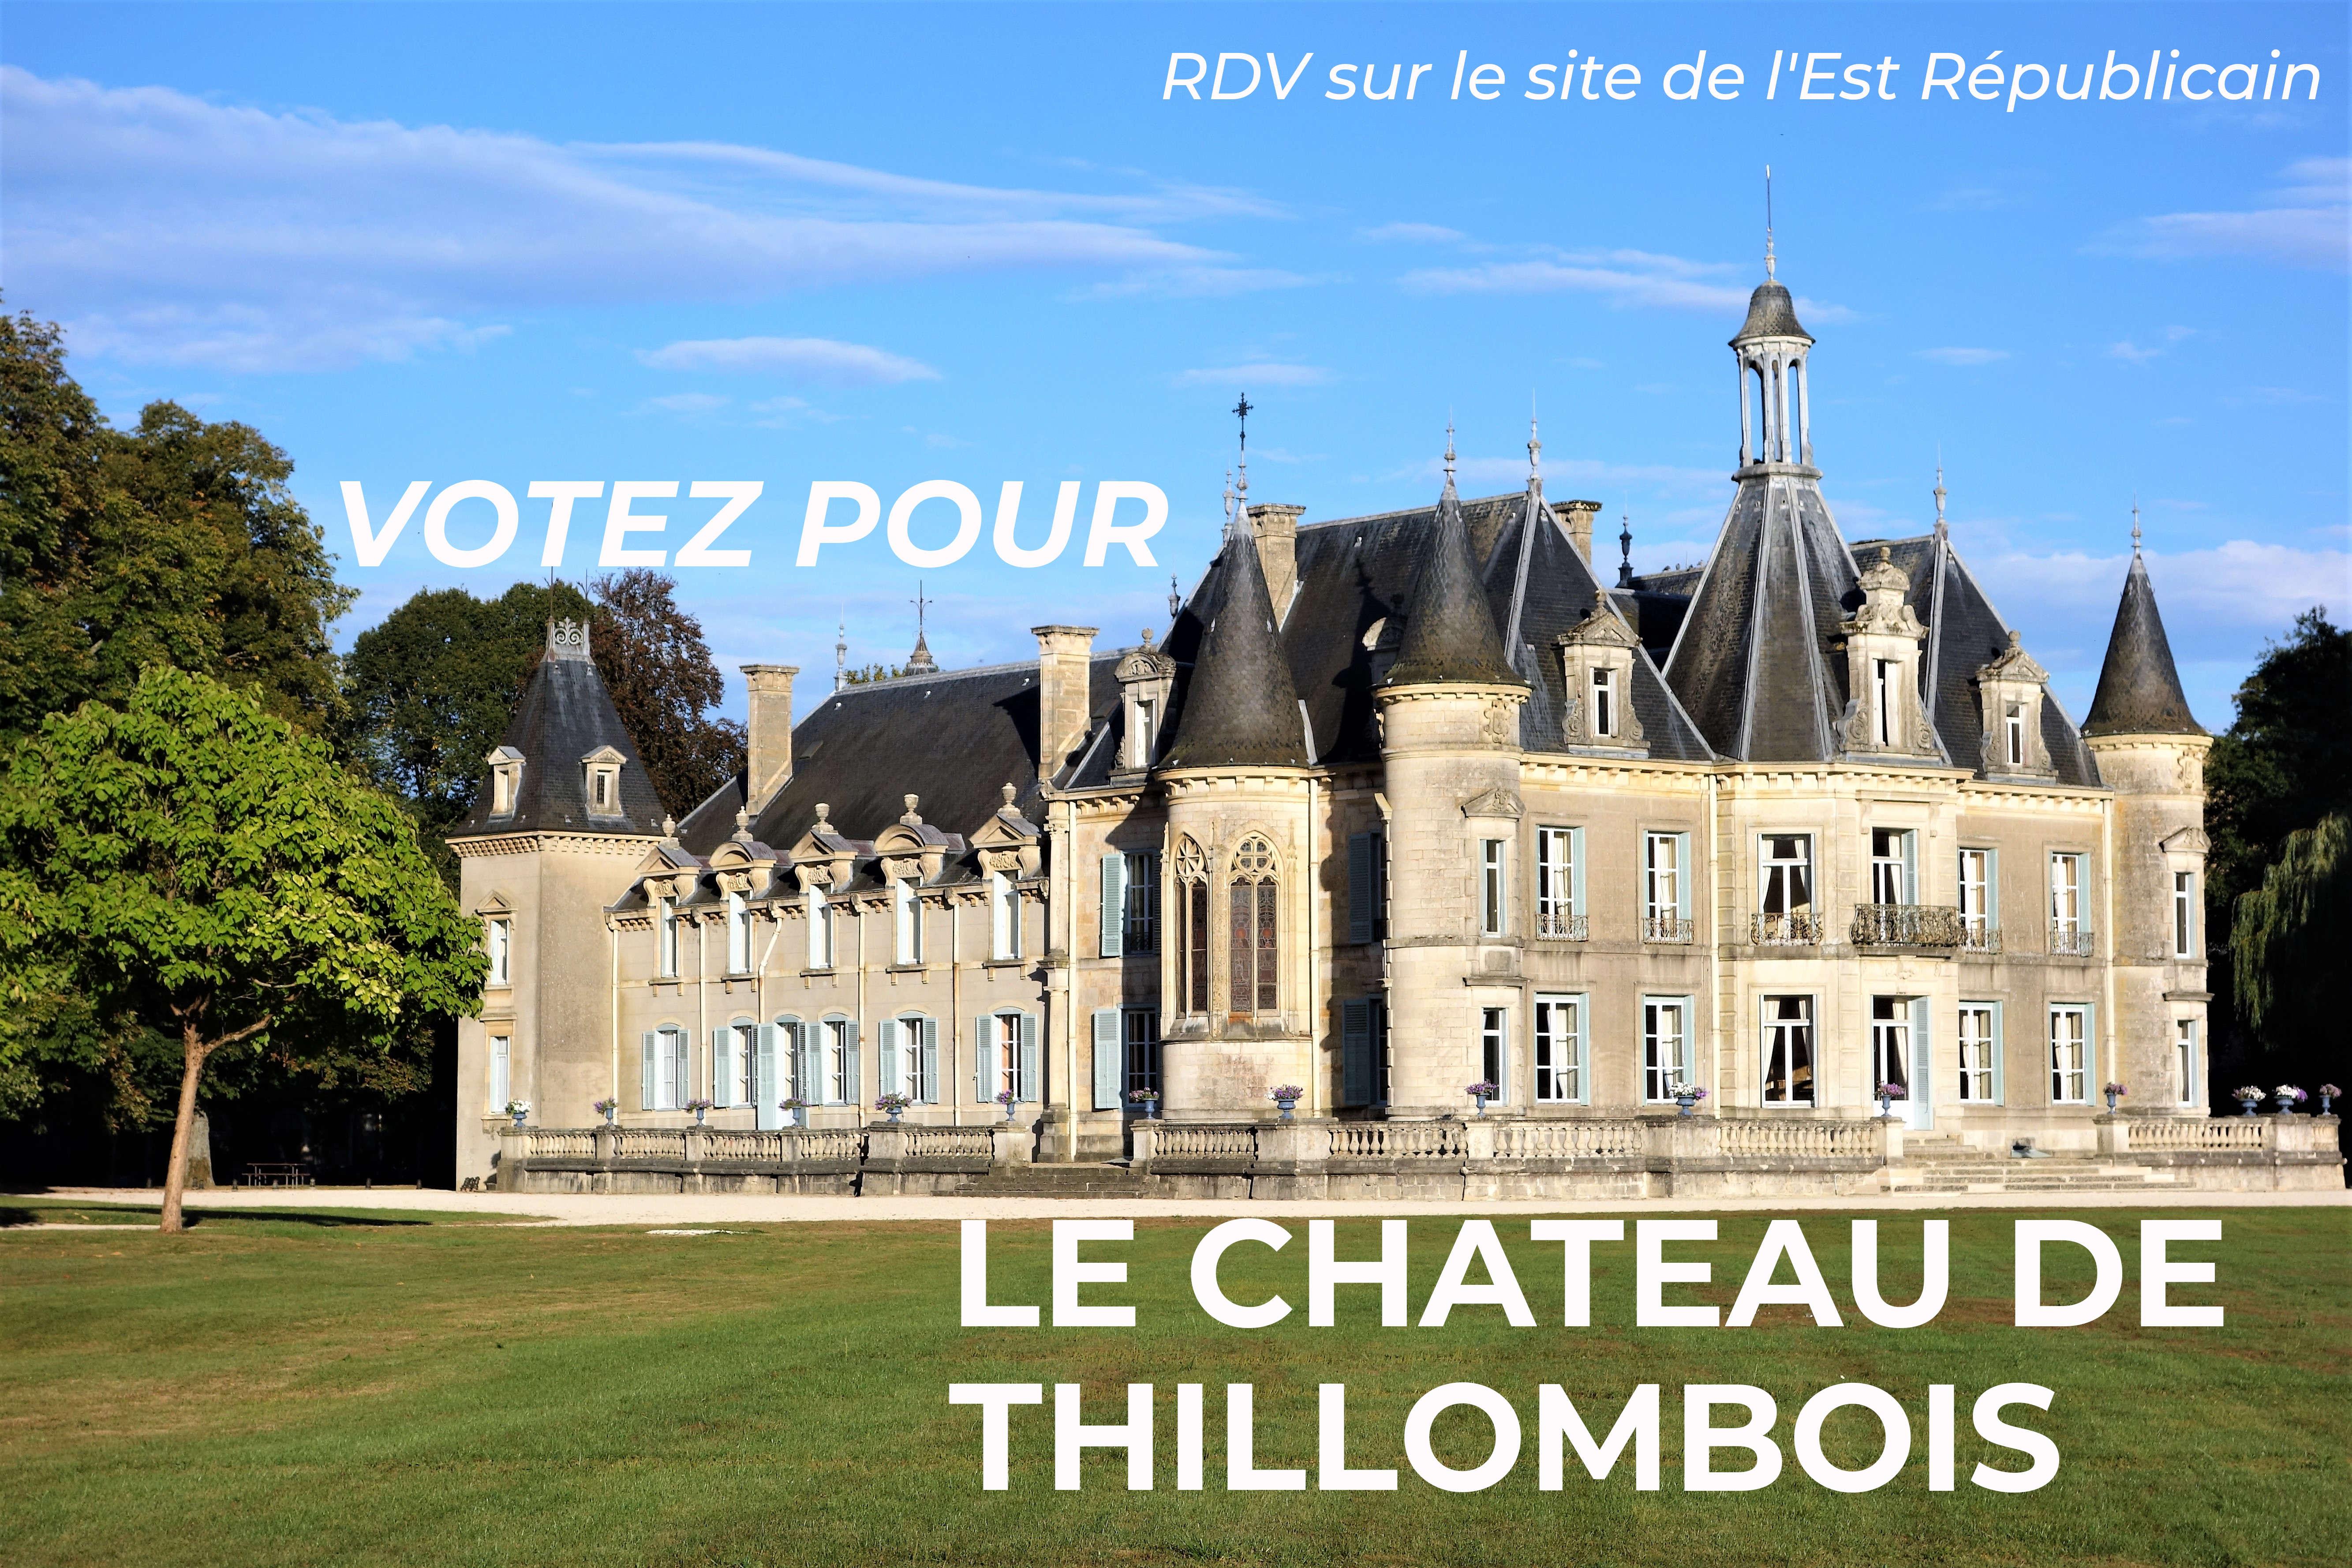 Le château, Thillombois. Ce magnifique château Renaissance est situé à Thillombois, en plein cœur de la Meuse. Son parc de 43 hectares est inscrit lui offre un cadre exceptionnel.